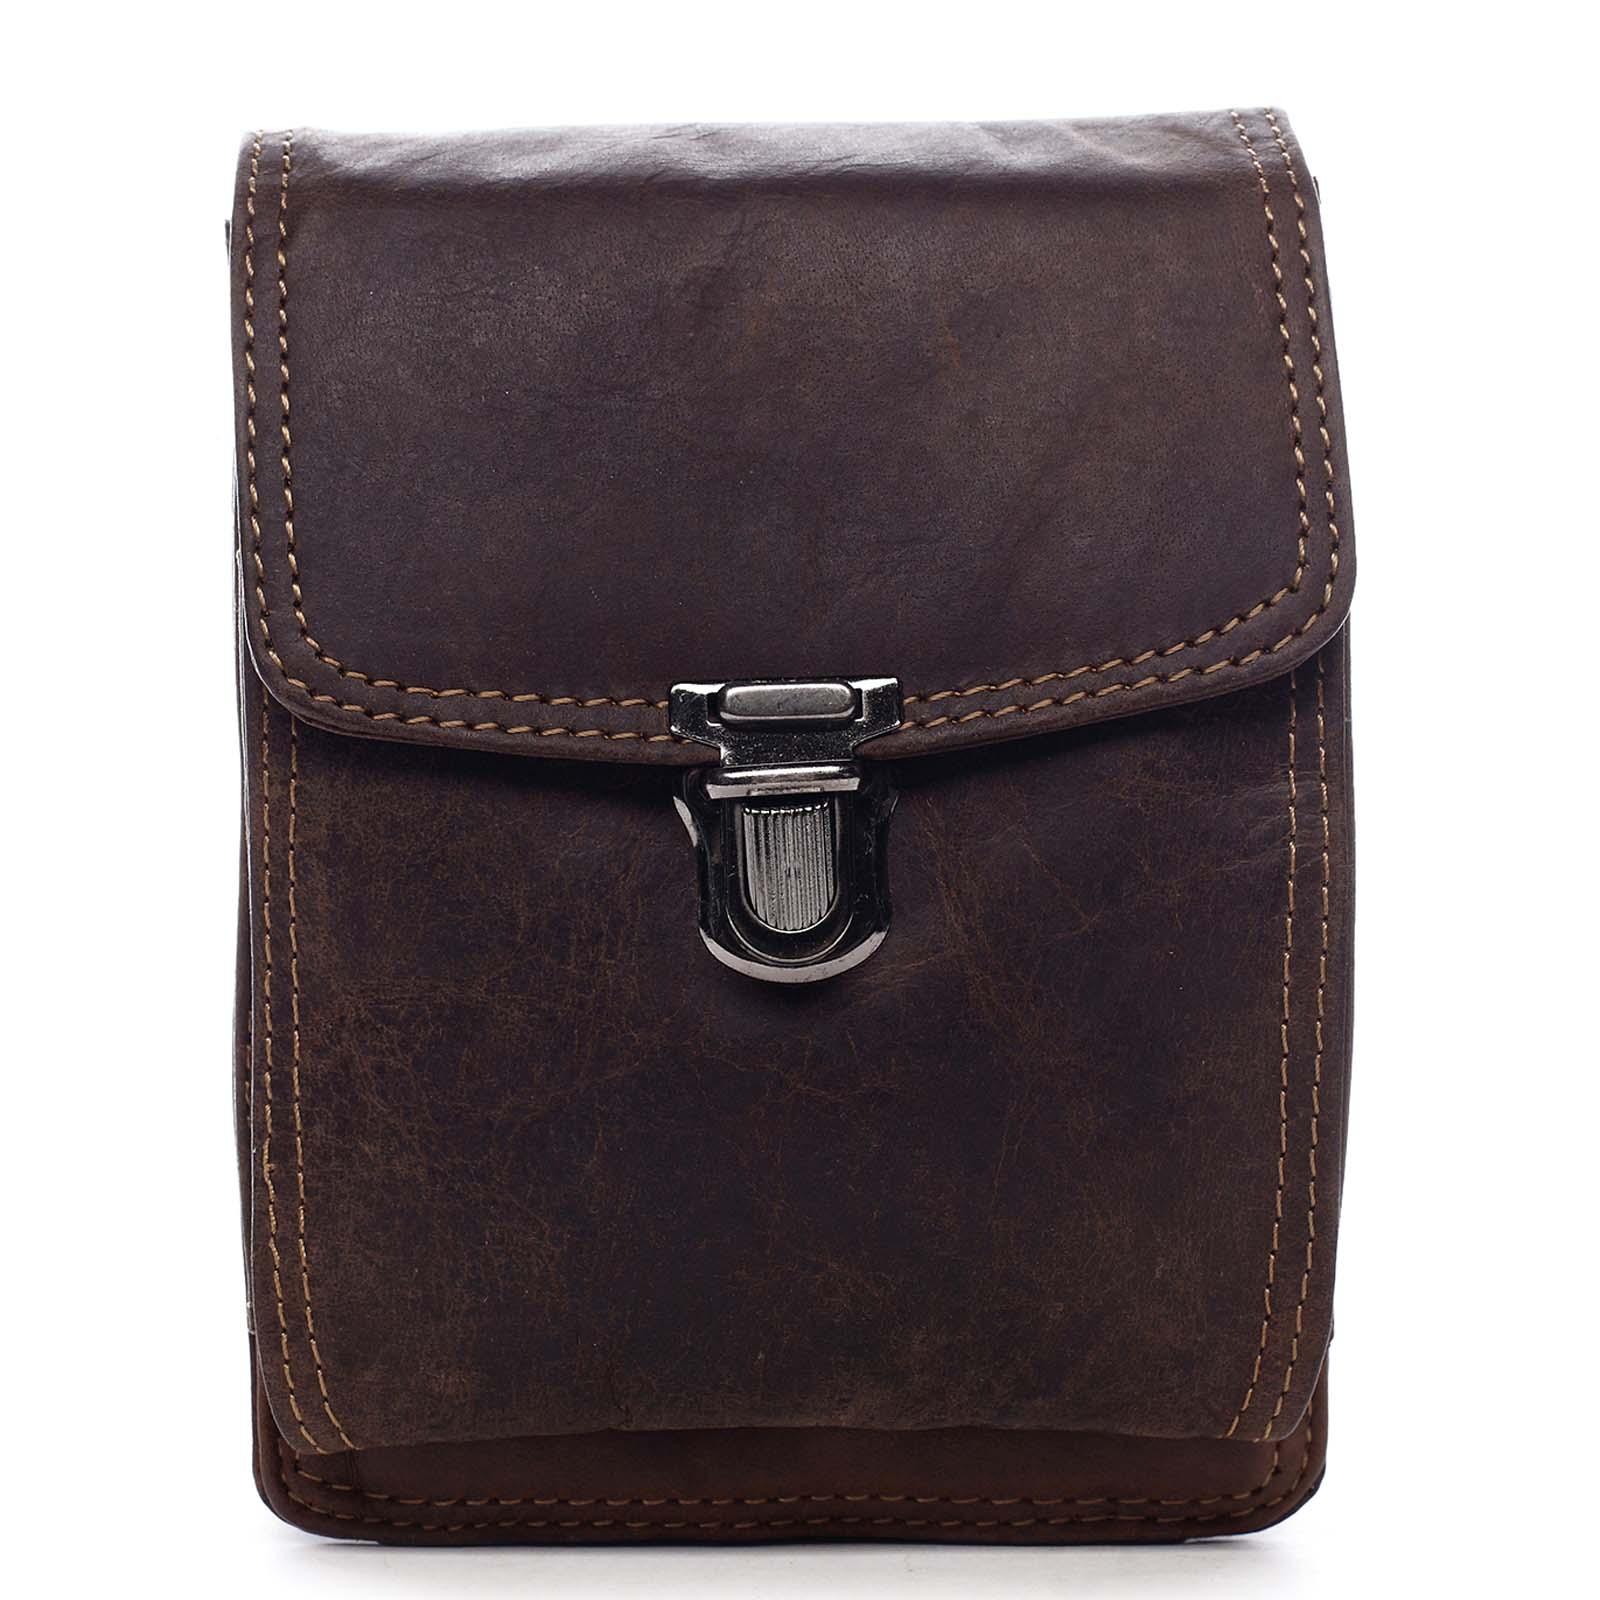 Luxusná pánska kožená vrecko na opasok hnedá - Greenwood Surprise